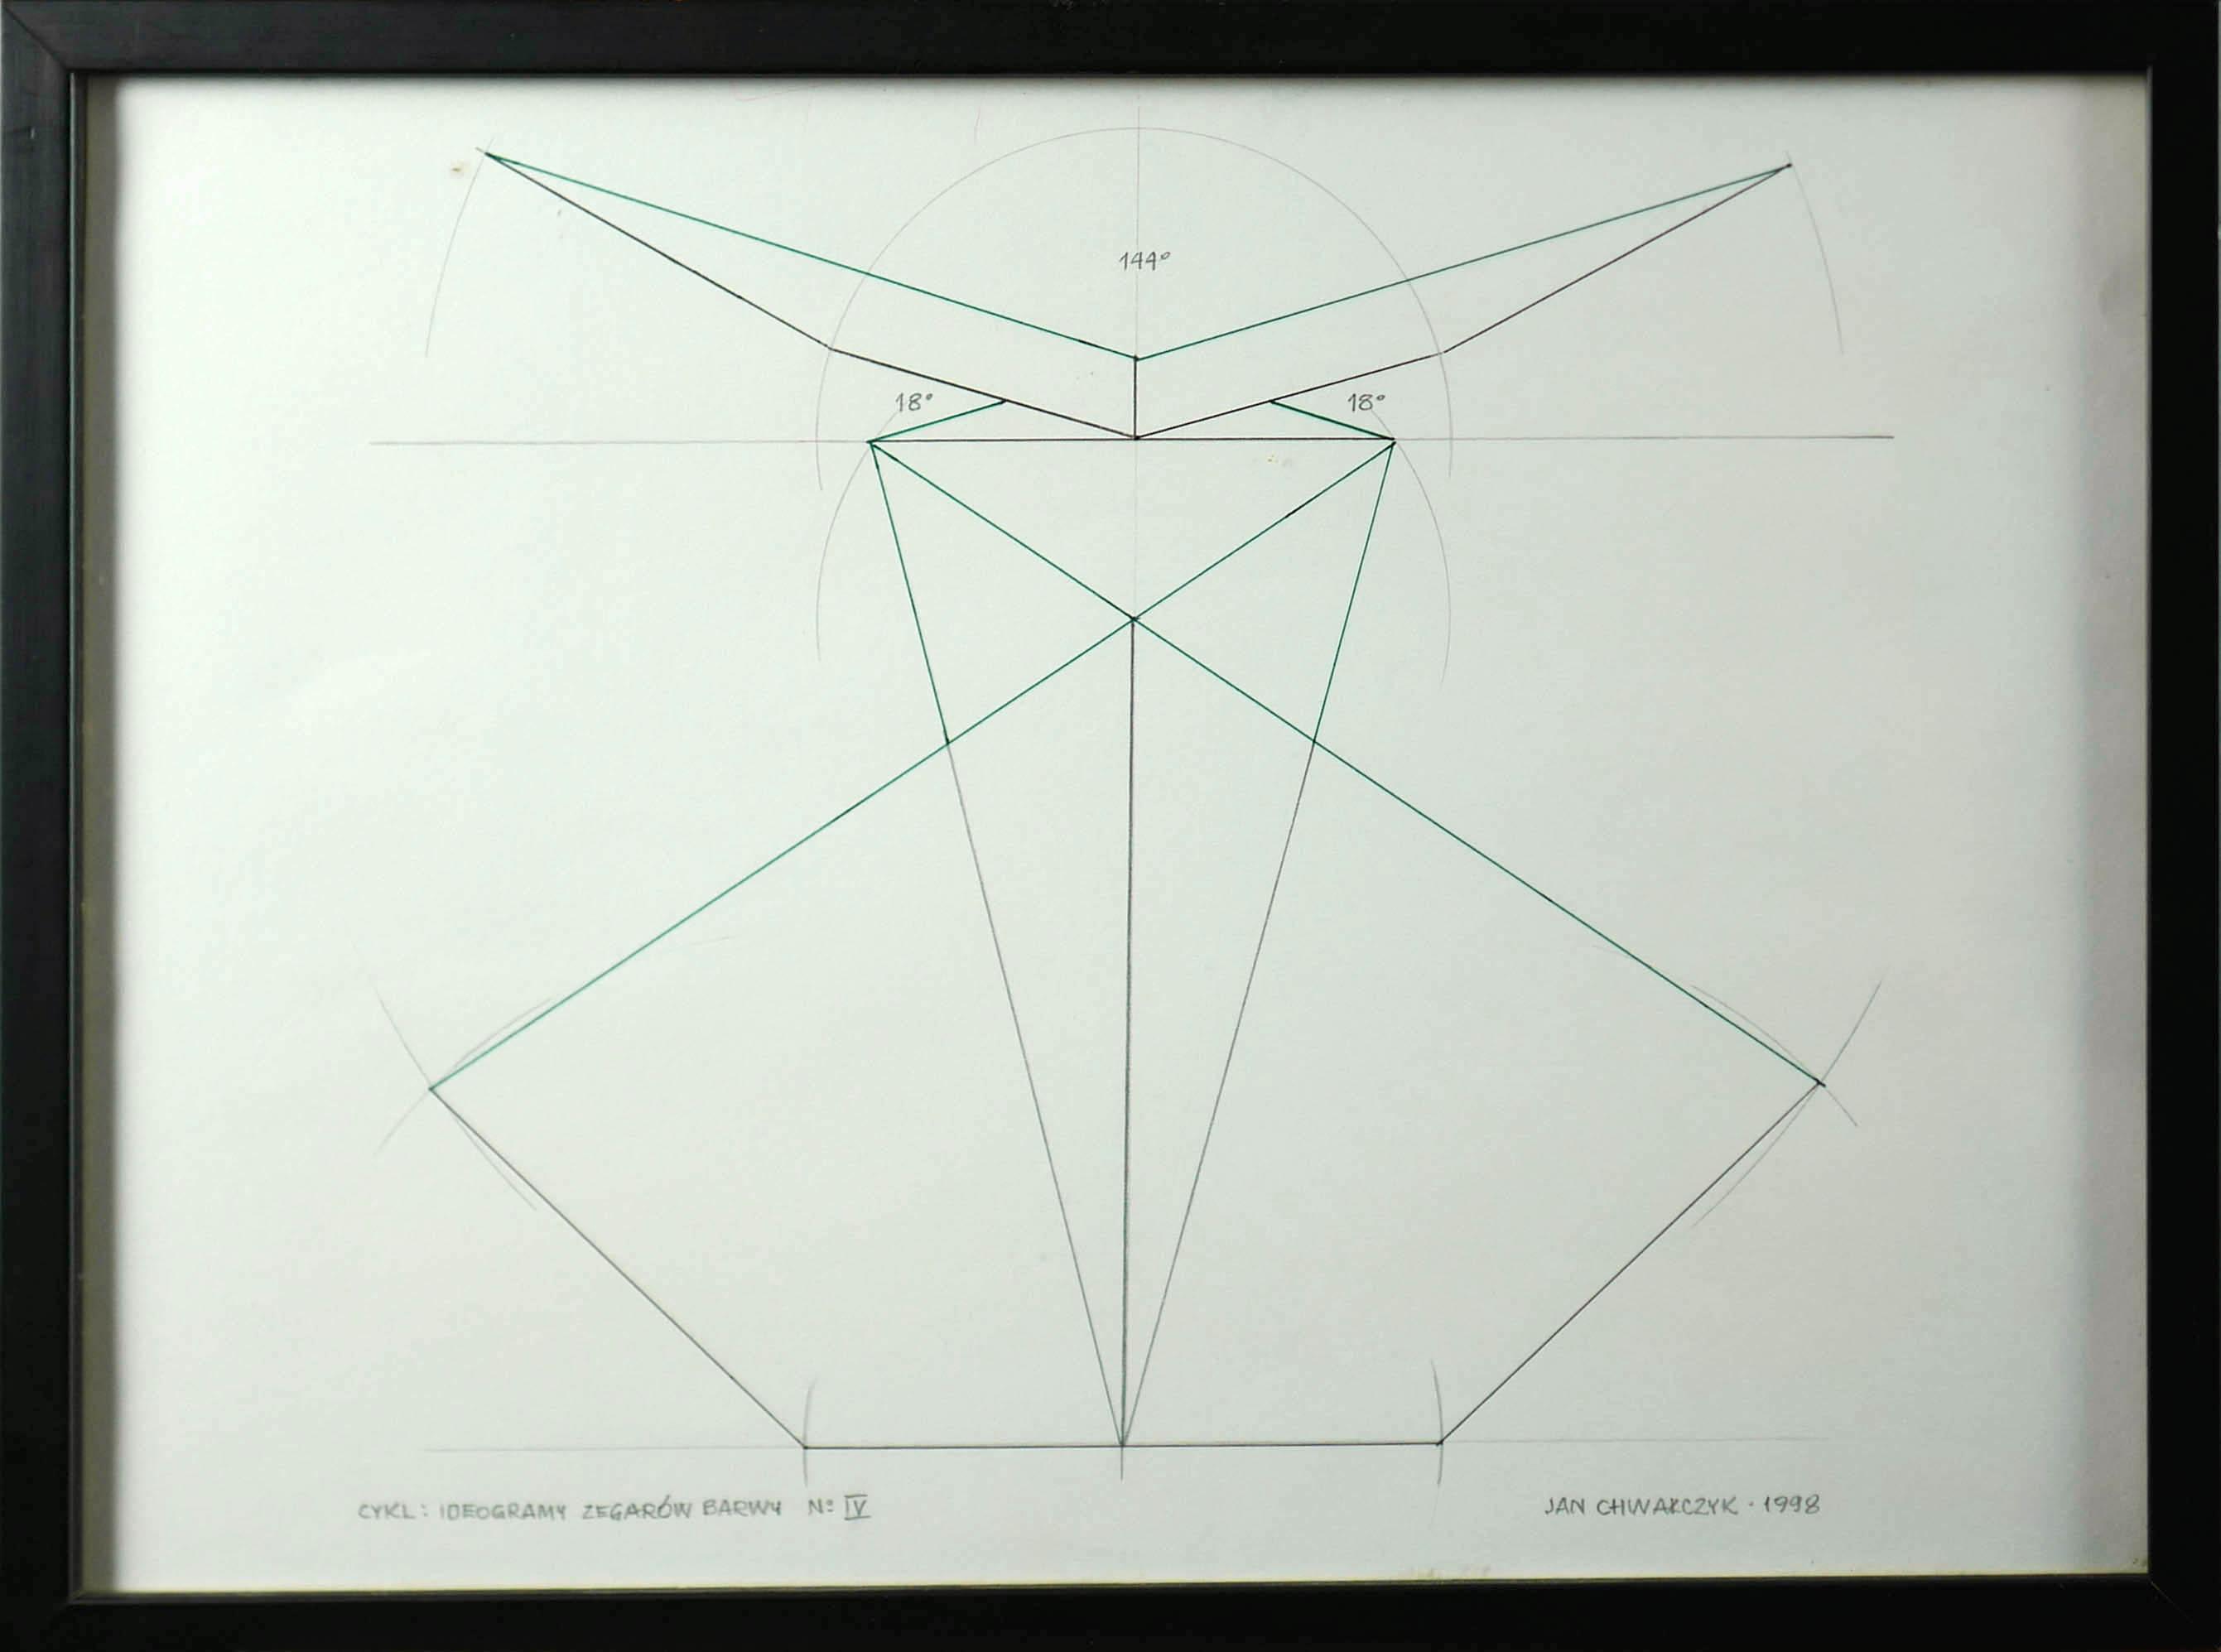 Ideogramy Zegarów Barwy N:IV, 1998 r.